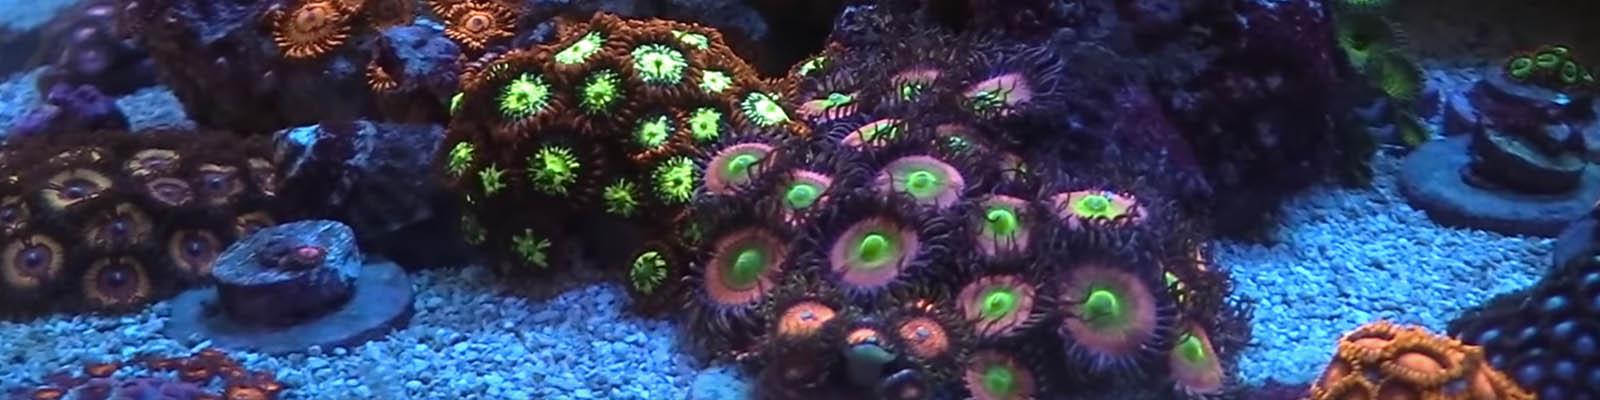 نحوه ي قرنطينه كردن مرجان ها و بي مهرگان